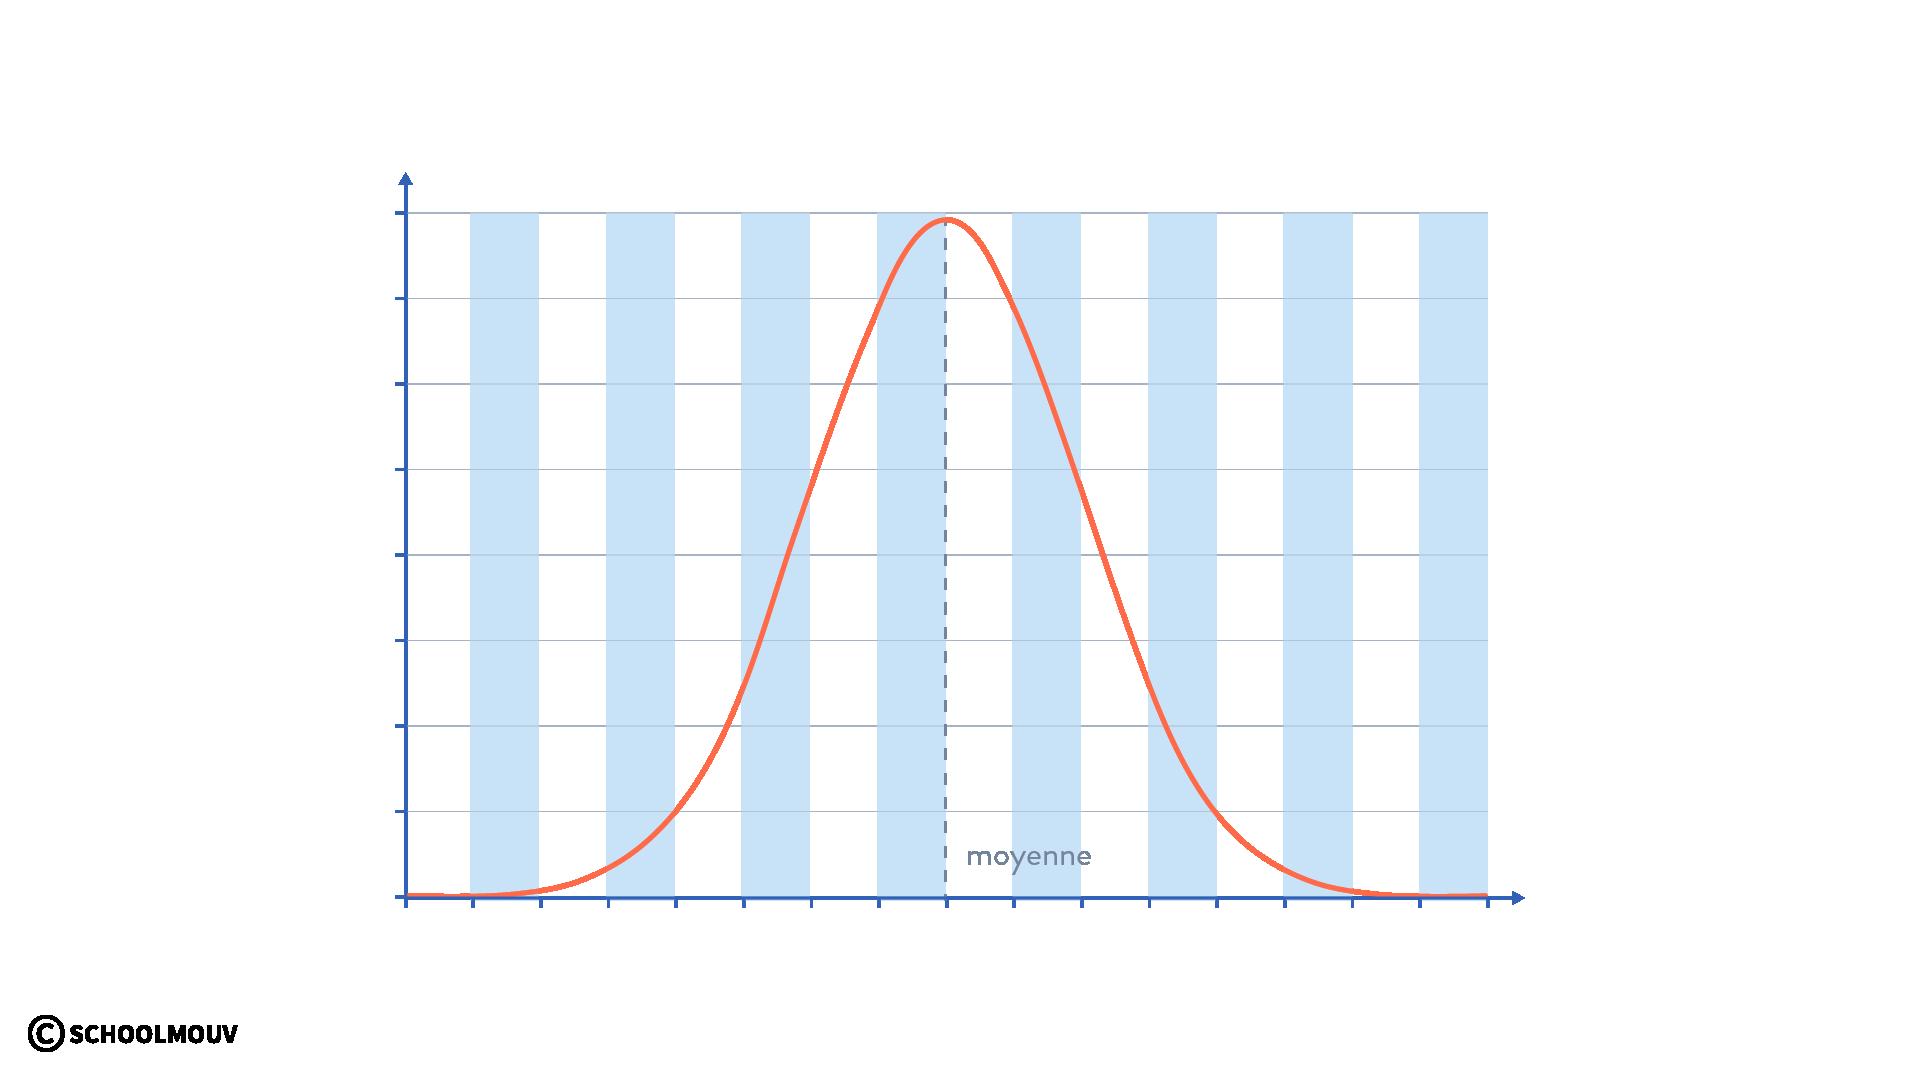 courbe gaussienne courbe en cloche symétrique